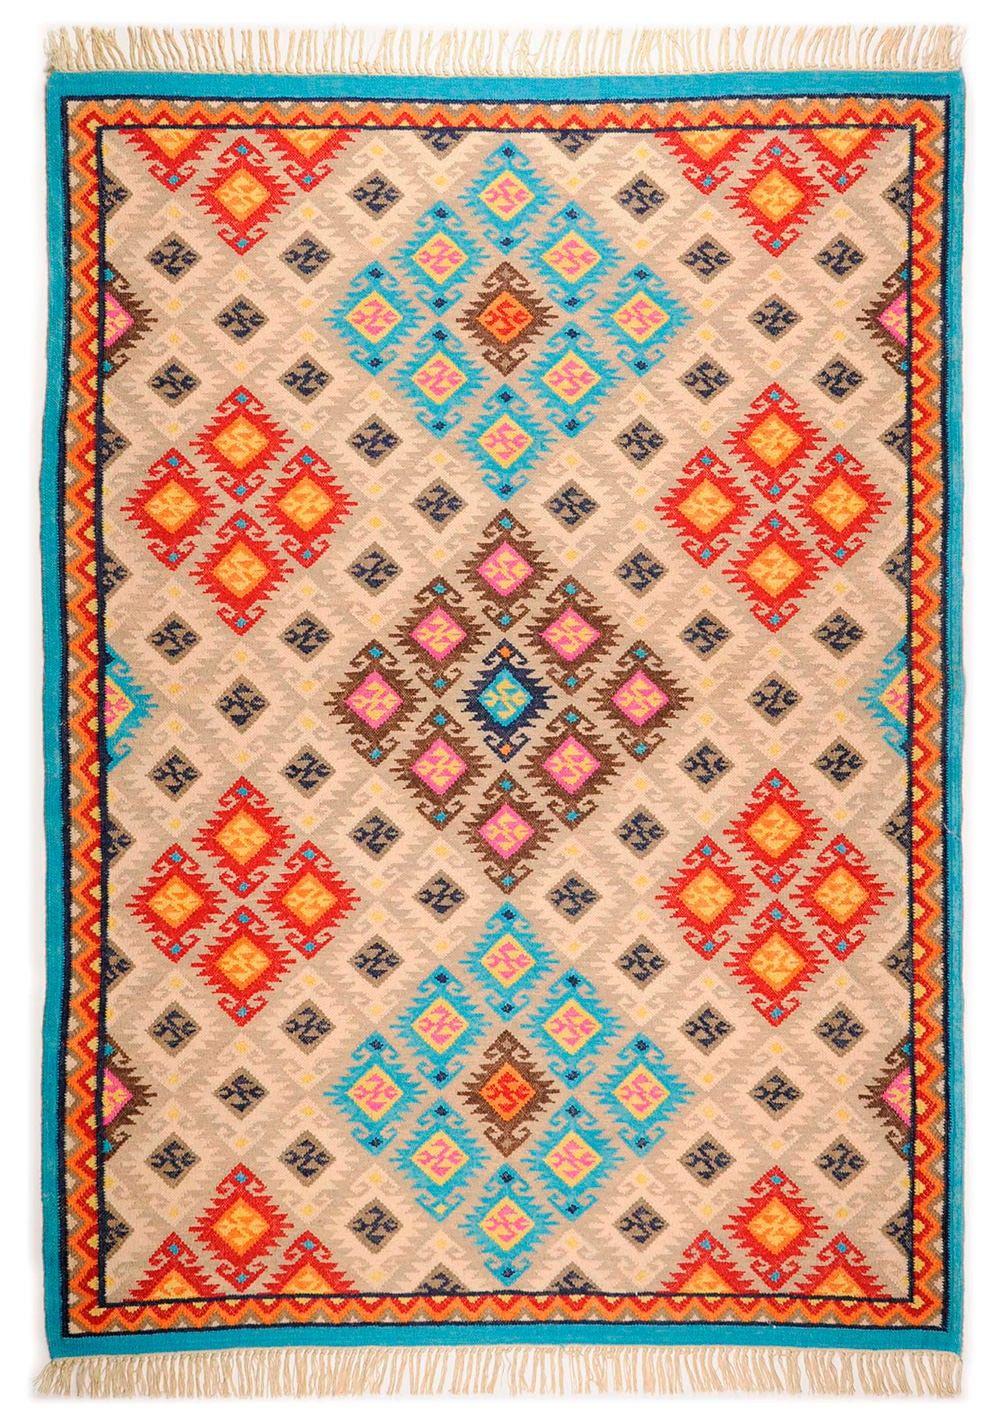 Schner Kelim Teppich Handgewebt Aus 100 Schurwolle Bei Onloom Teppiche